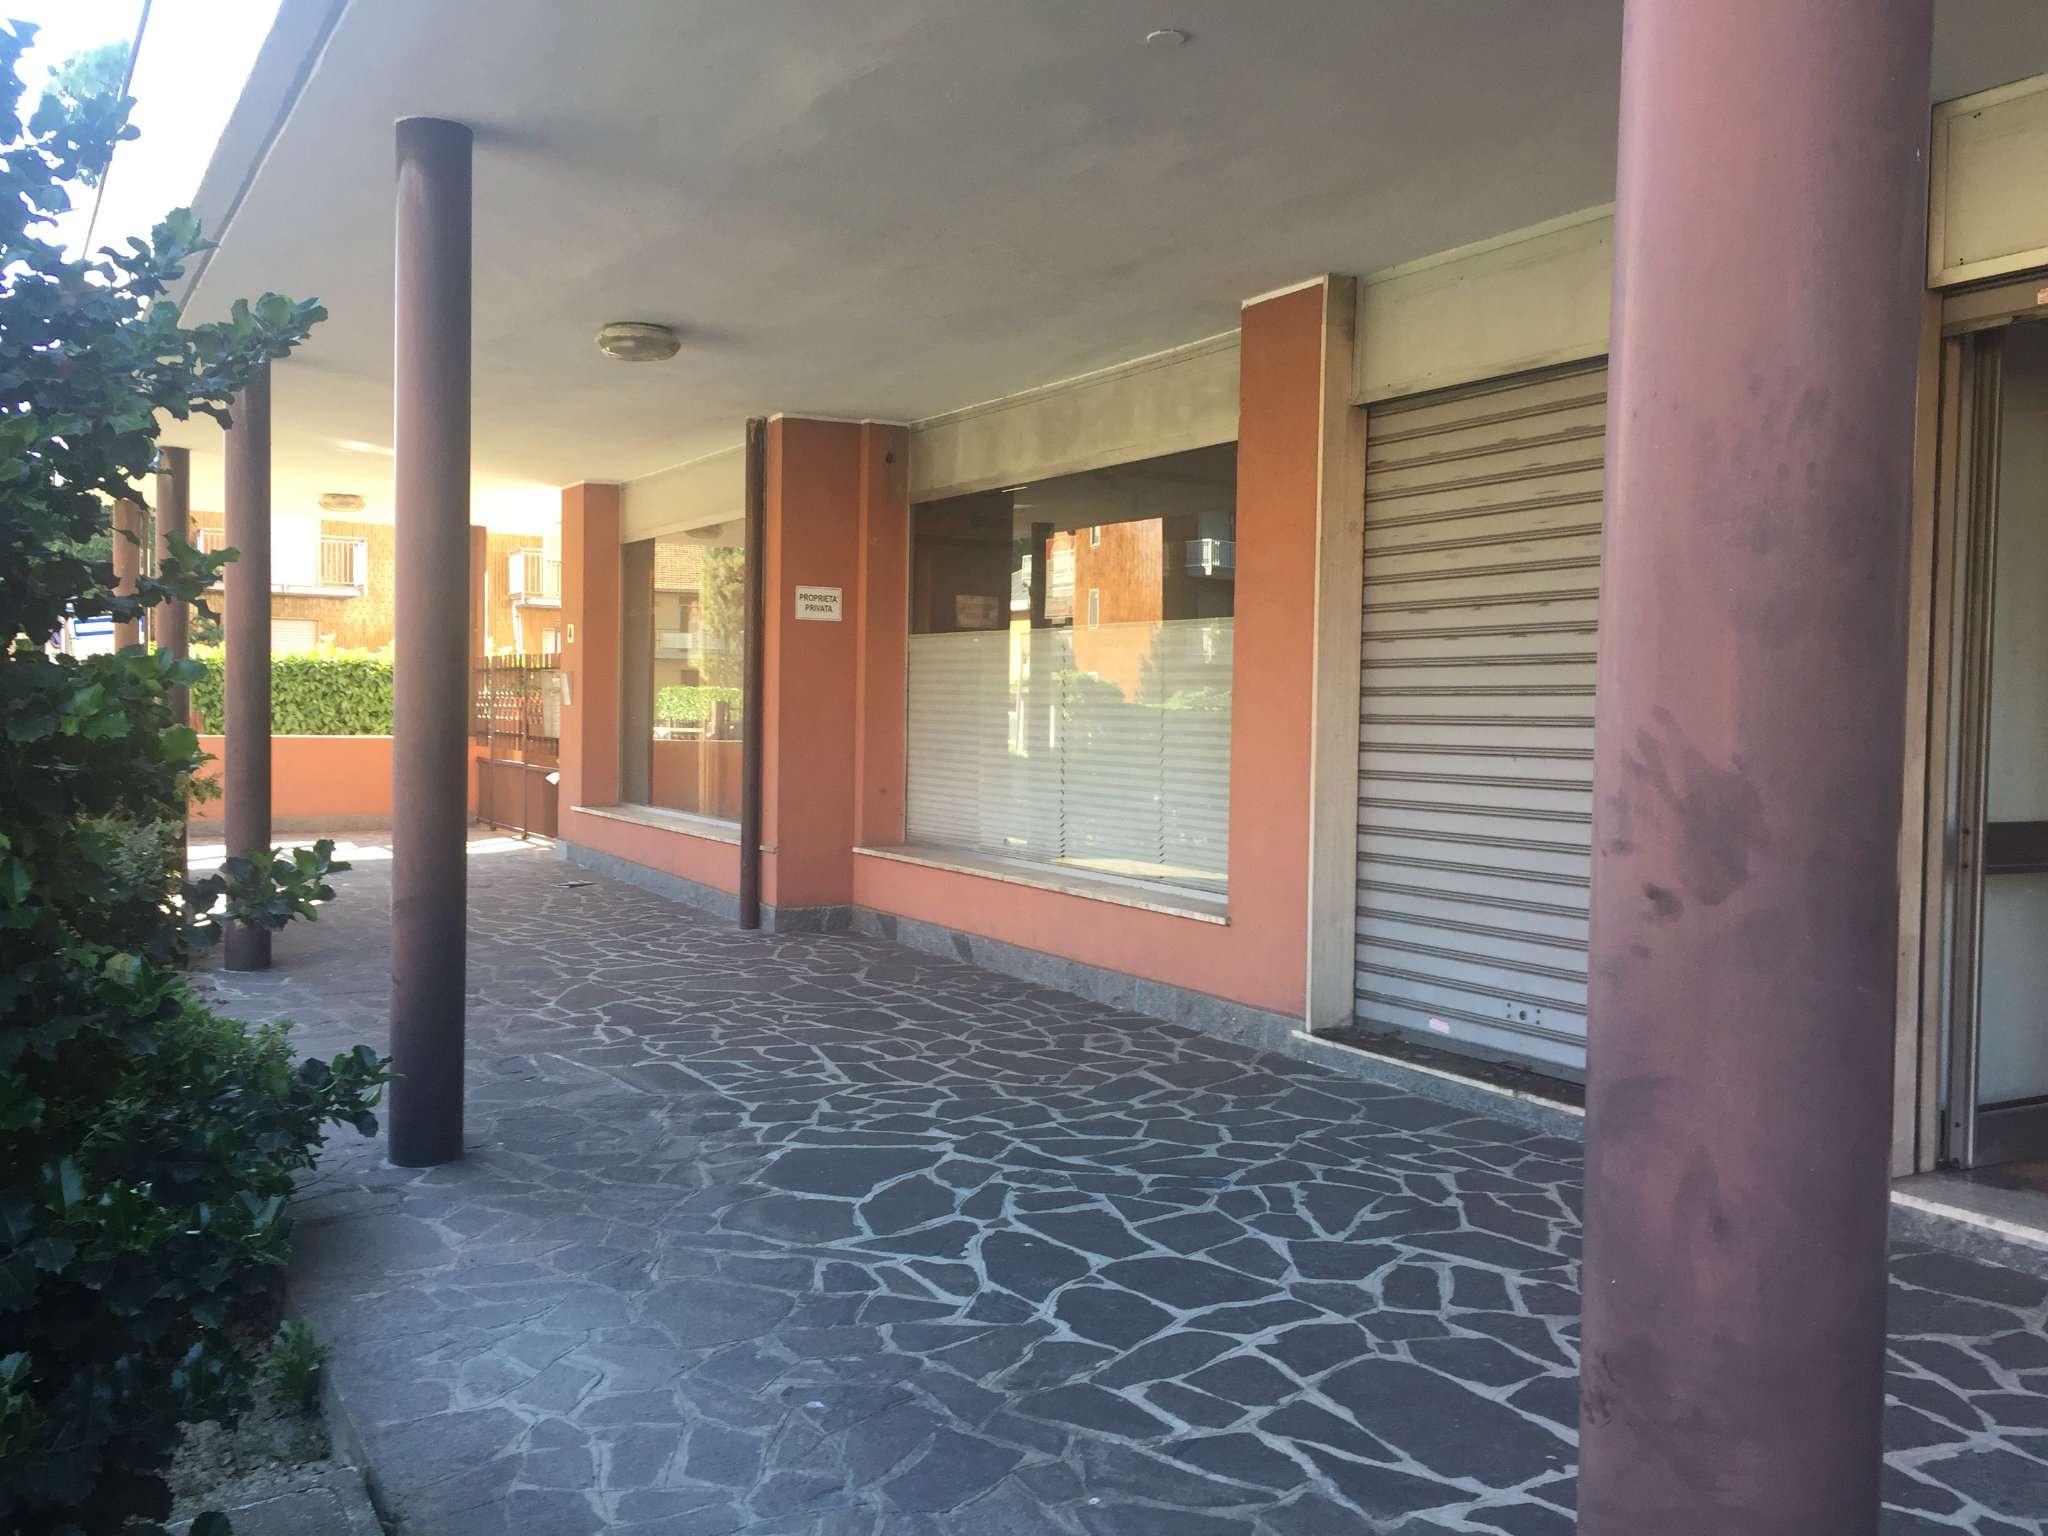 Negozio / Locale in vendita a Cesano Boscone, 9999 locali, prezzo € 240.000 | CambioCasa.it